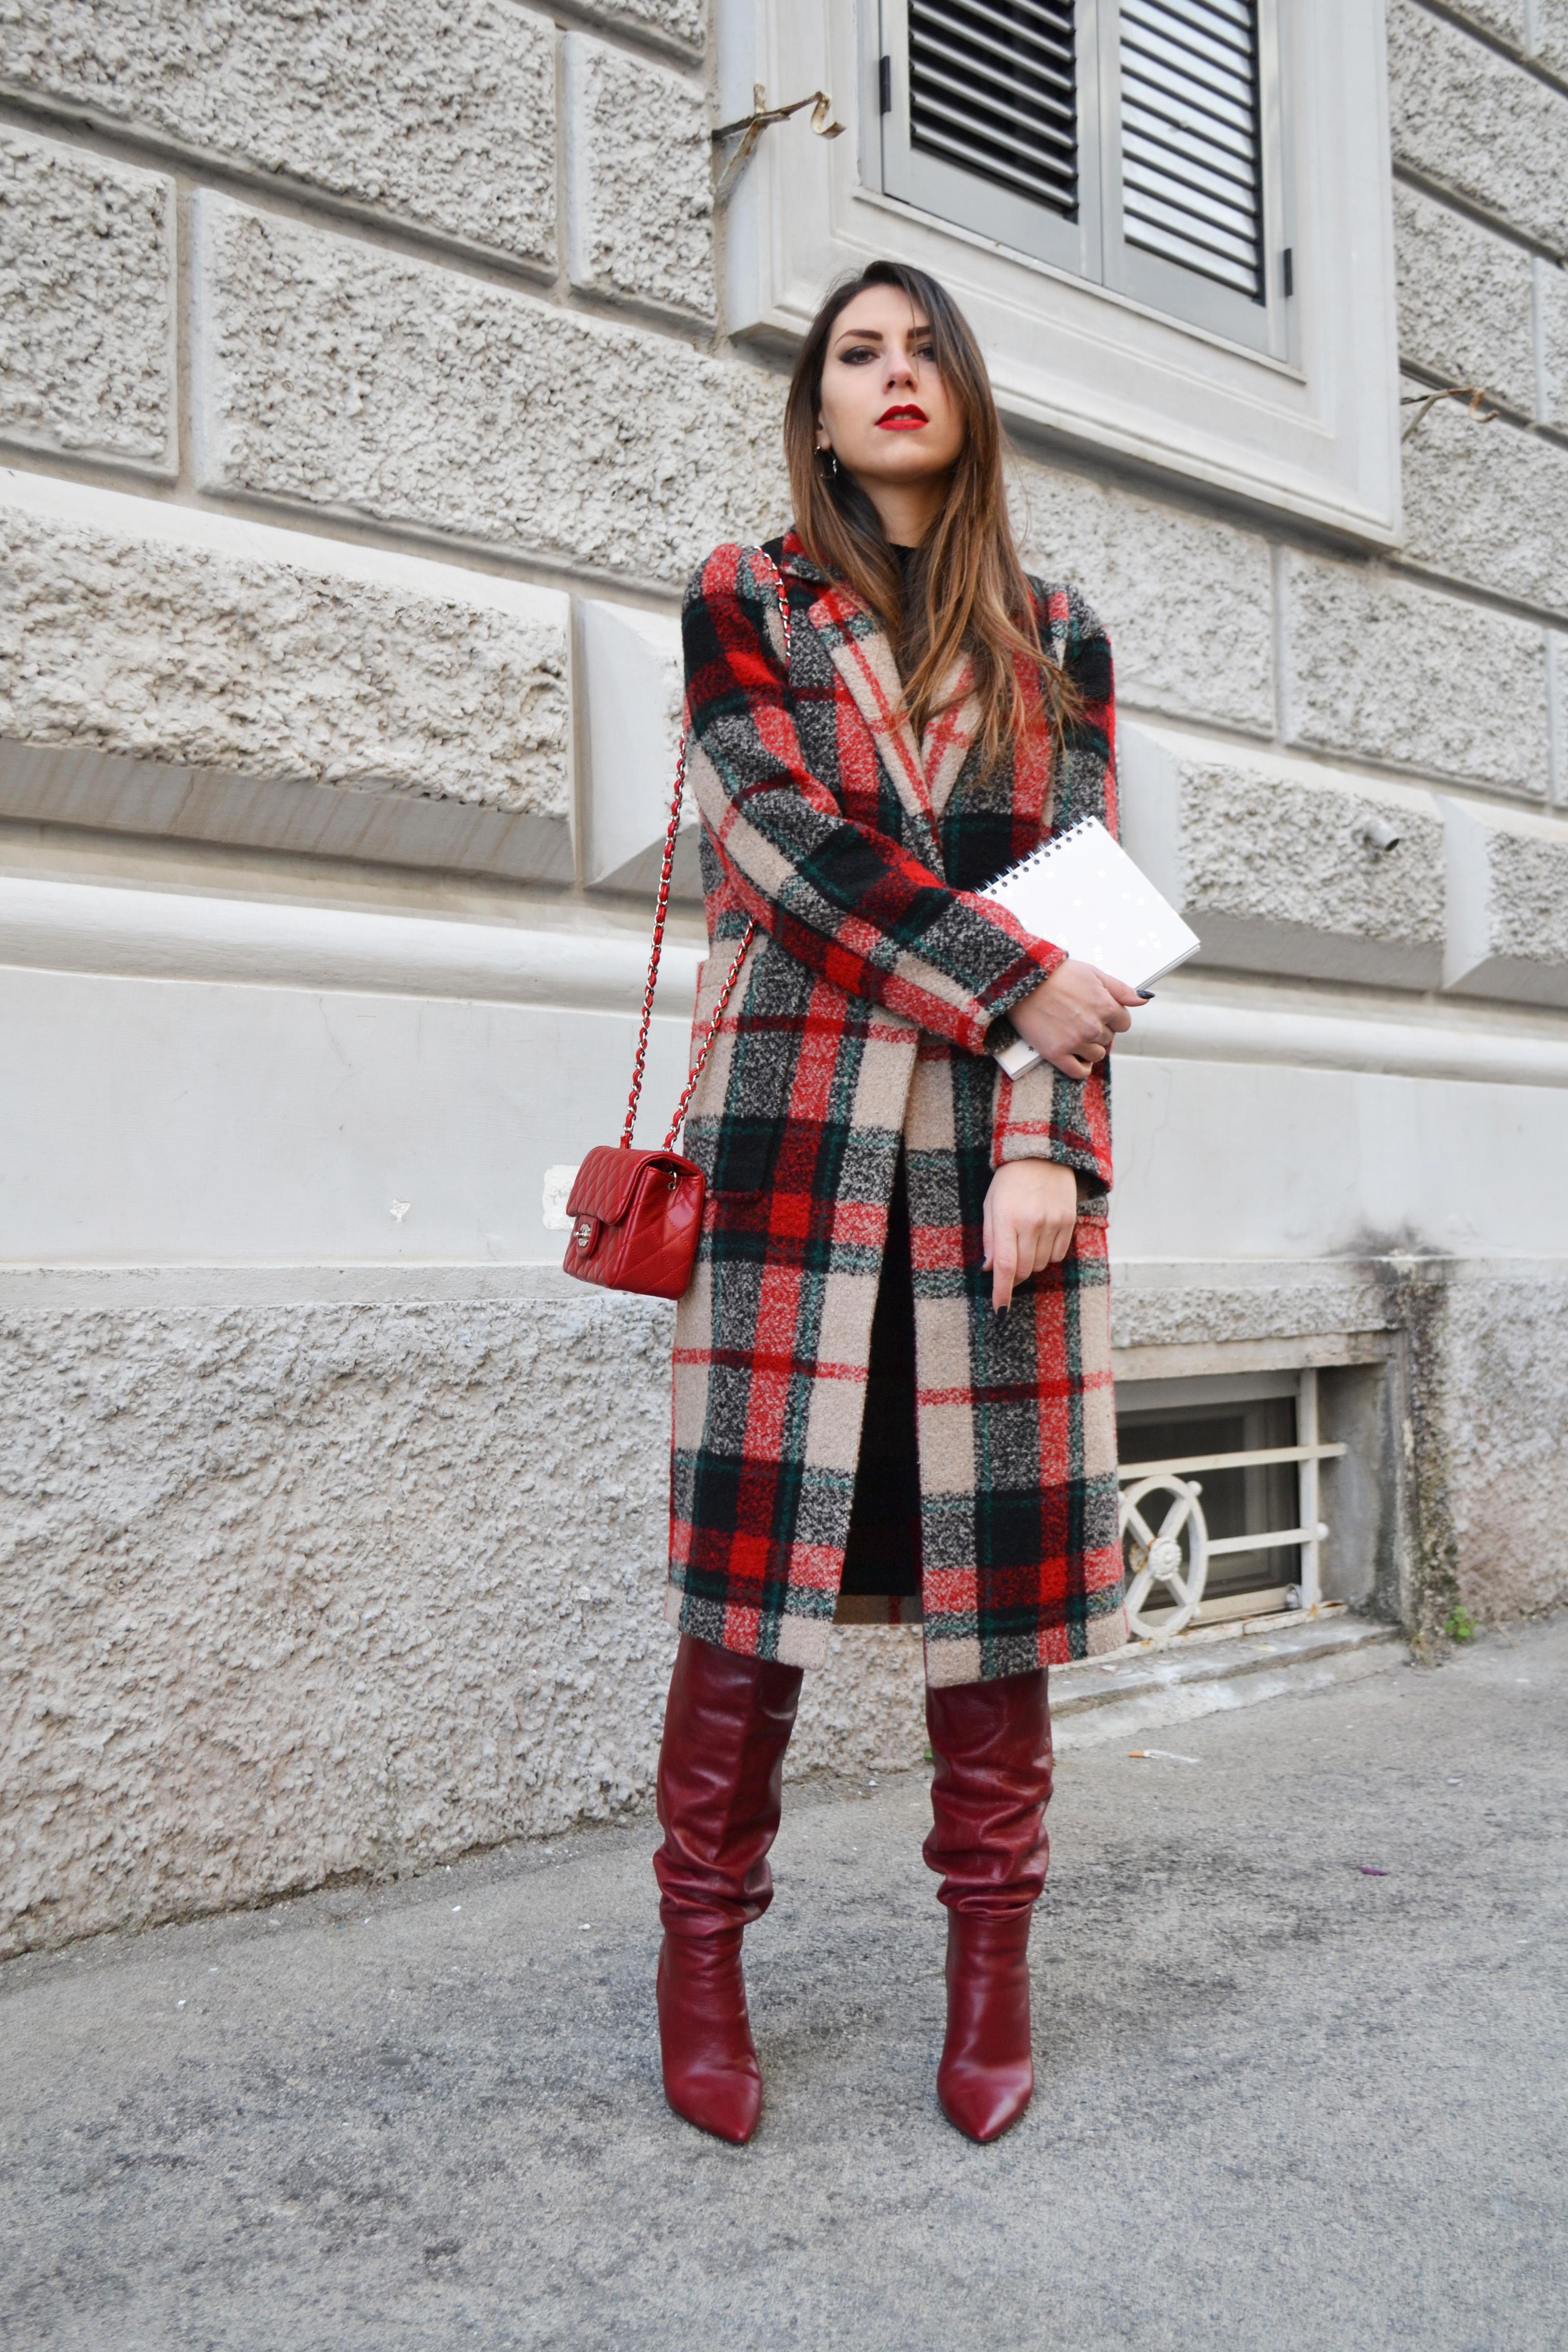 huge discount 2c1a9 1f34c Cappotto a quadri oversize e un paio di stivali rossi sopra ...